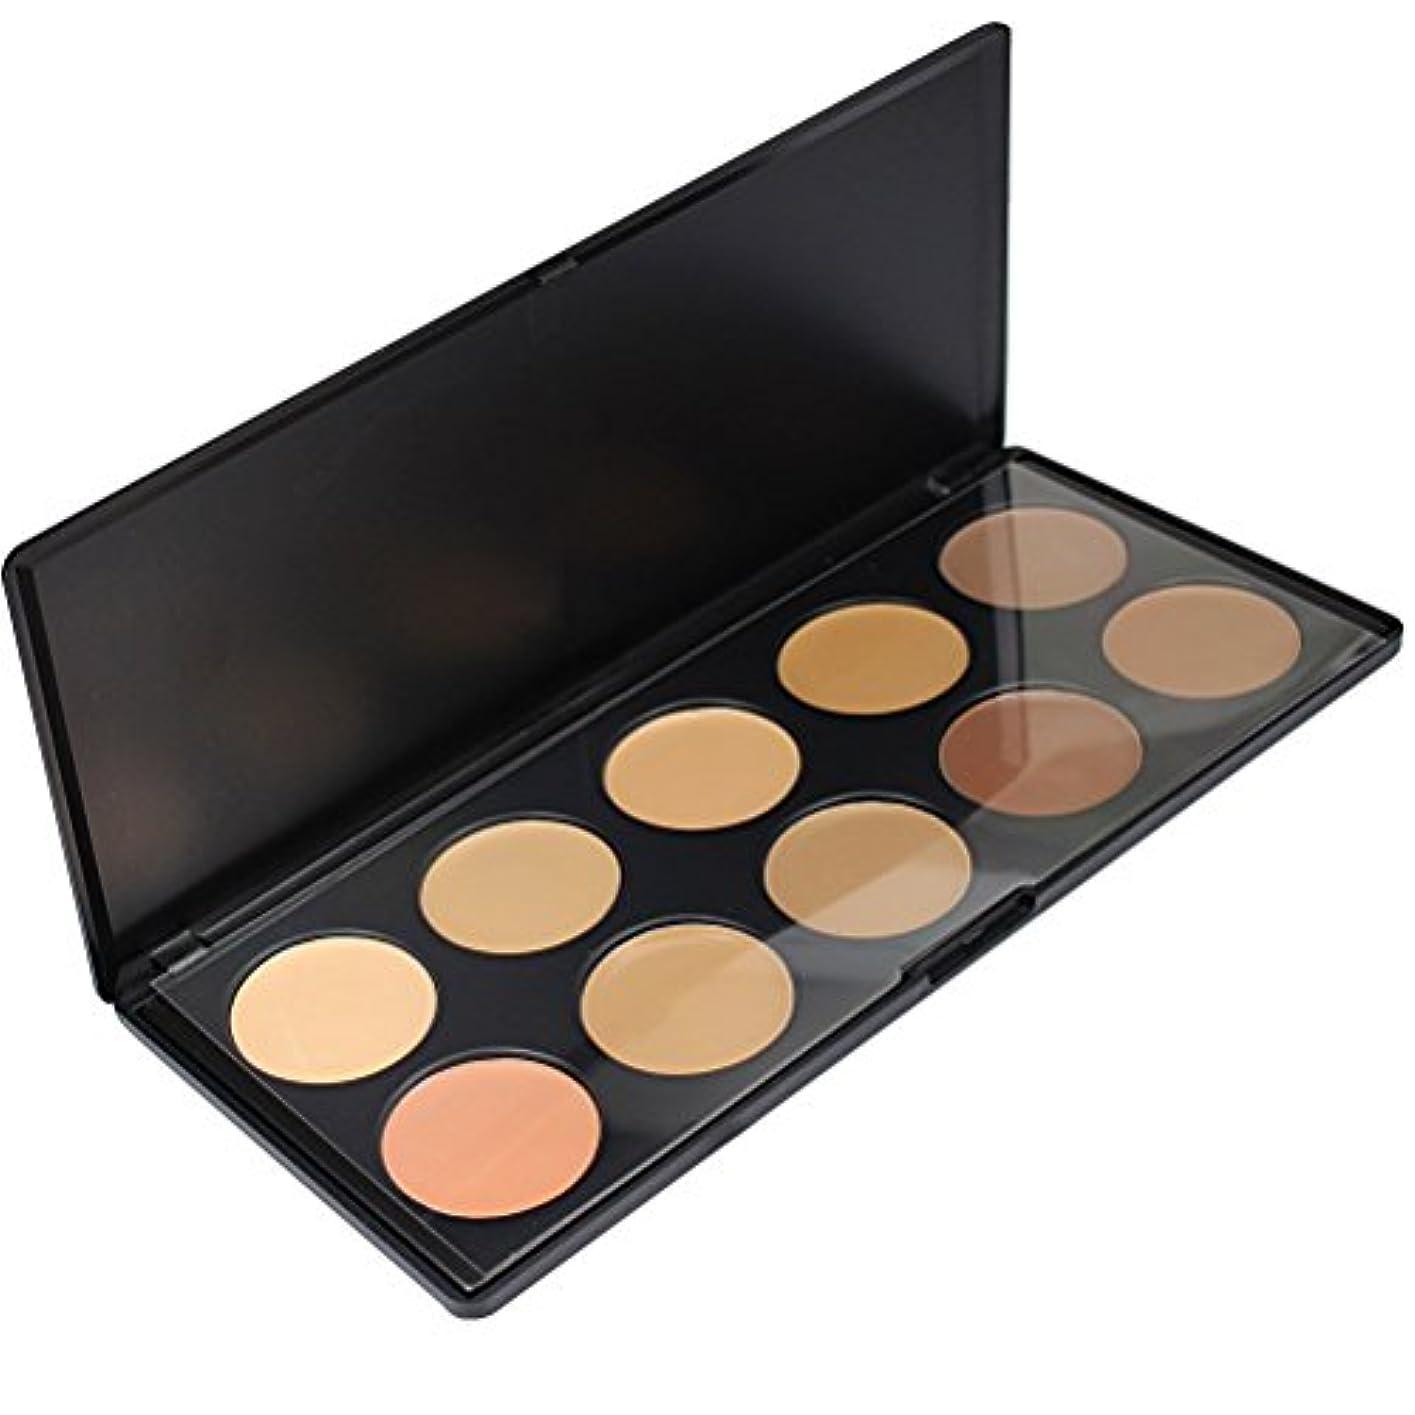 応答僕の信仰メイクアップエーシーシー (MakeupAcc) 10色コンシーラーパレット アイシャドウパレット メイクアップセット [並行輸入品]